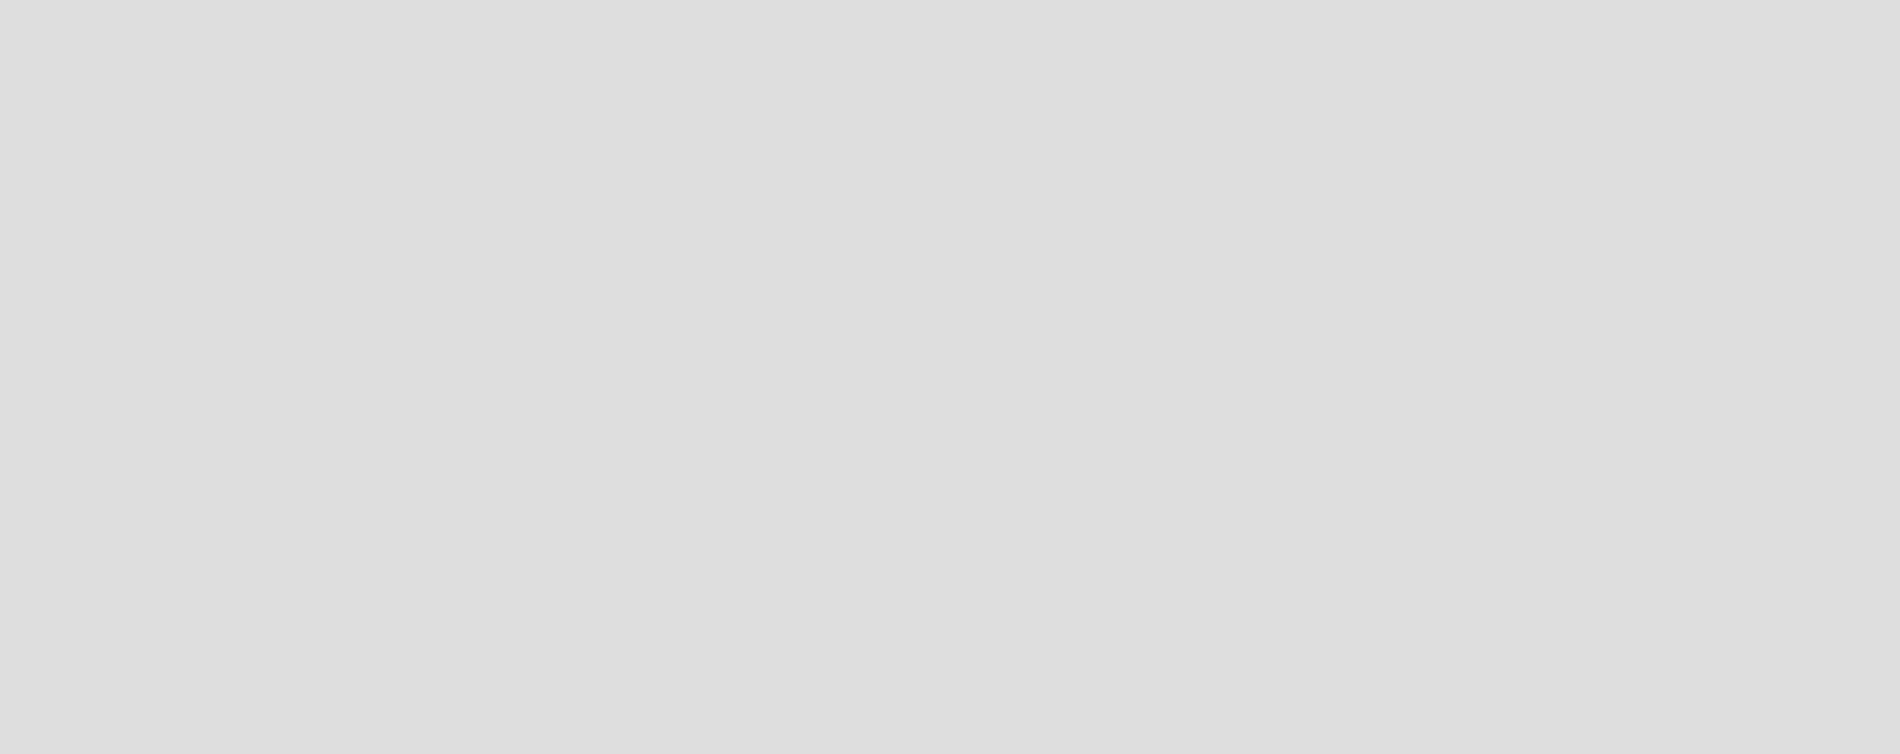 L'Ecrin de Jadeà Aulnay sous Bois programme immobilier neuf n u00b0 212398 # Pole Emploi Aulnay Sous Bois